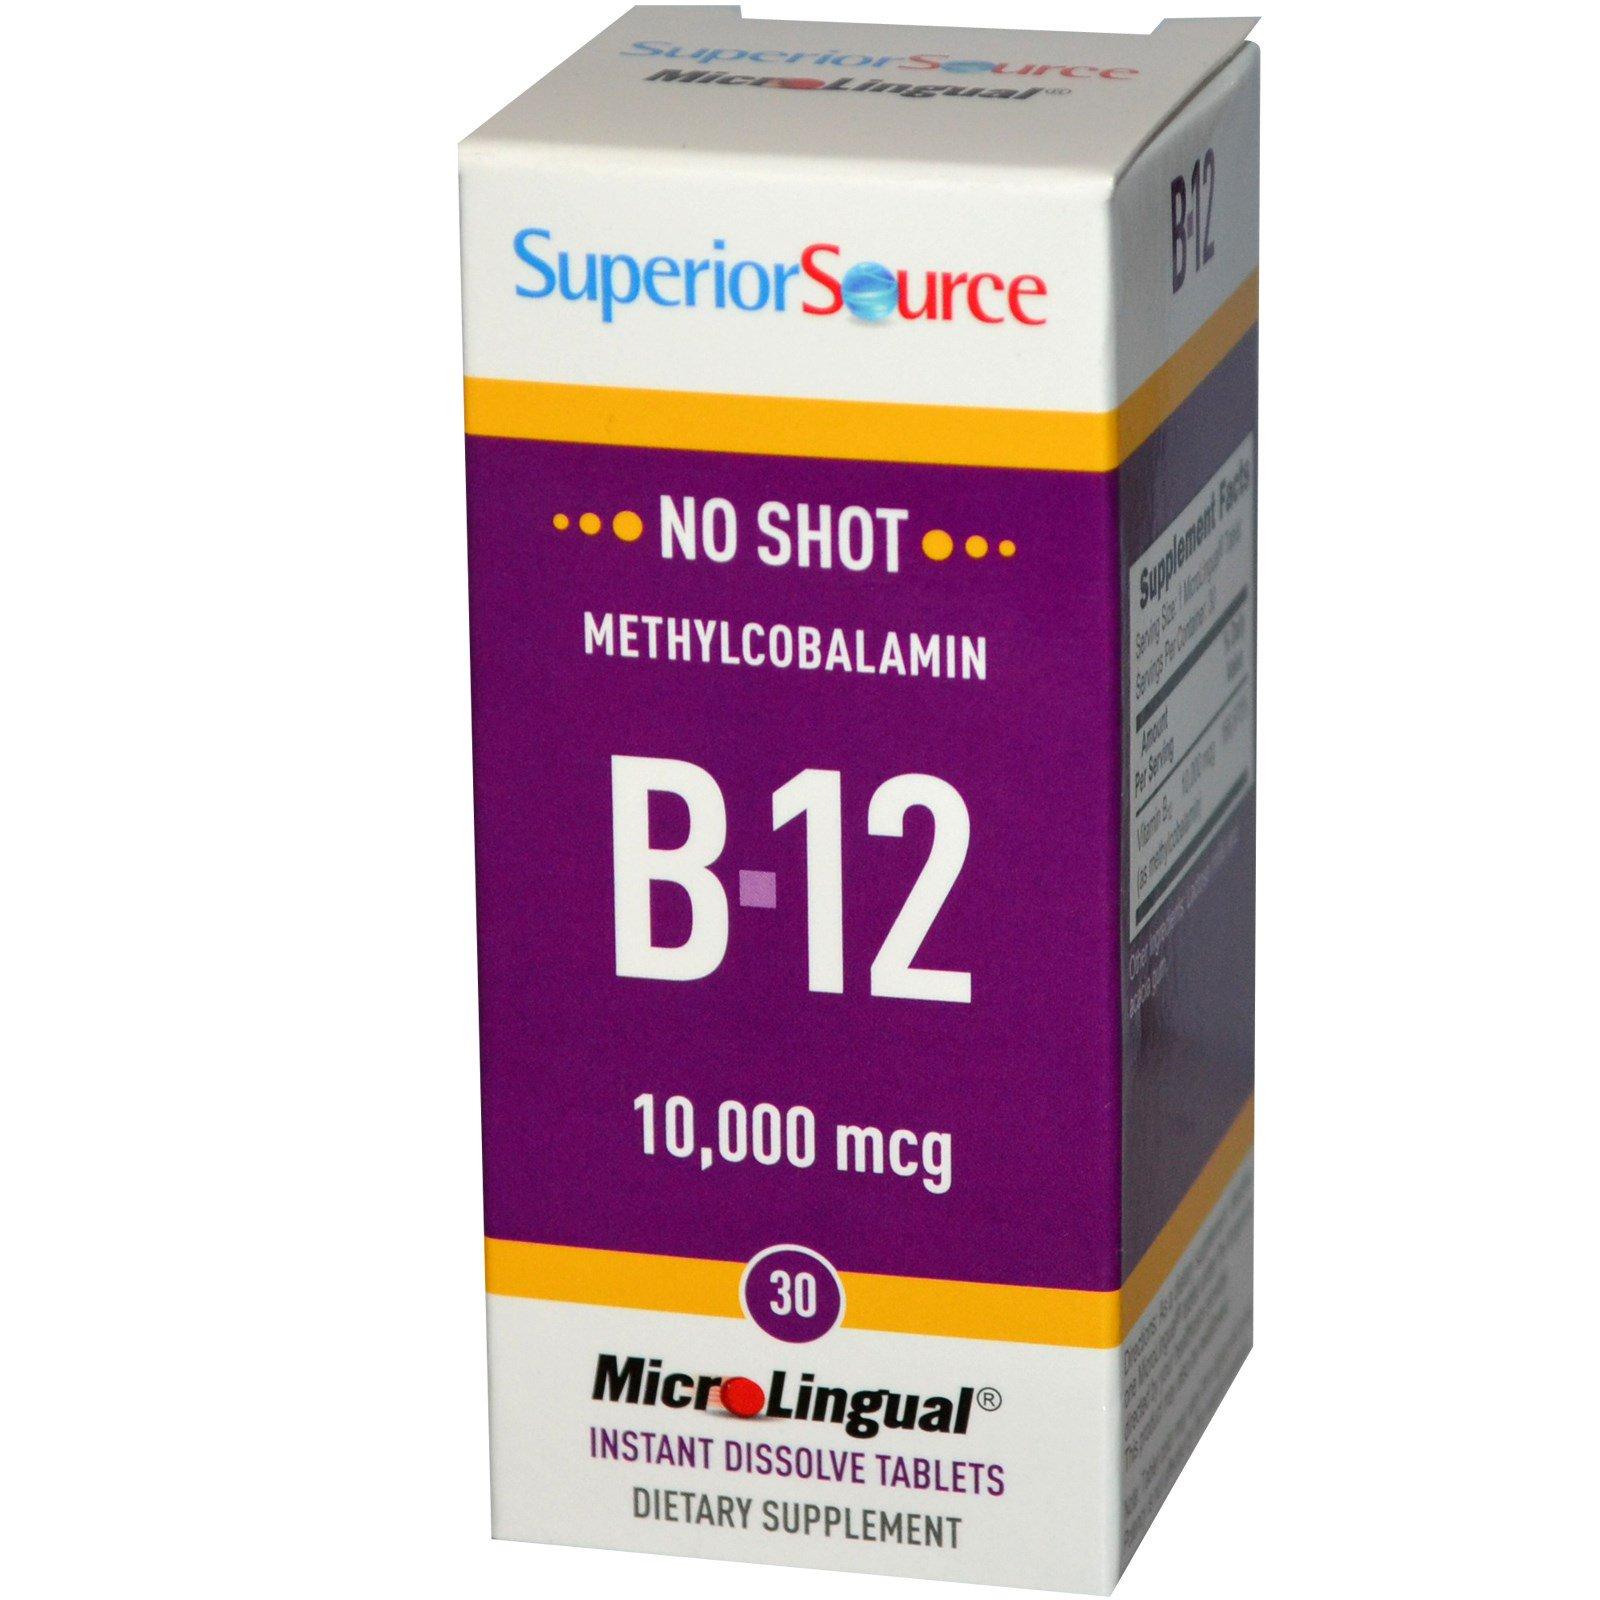 Superior Source, Метилкобаламин B-12, 10000 мкг, 30 микролингвальных быстрорастворимых таблеток